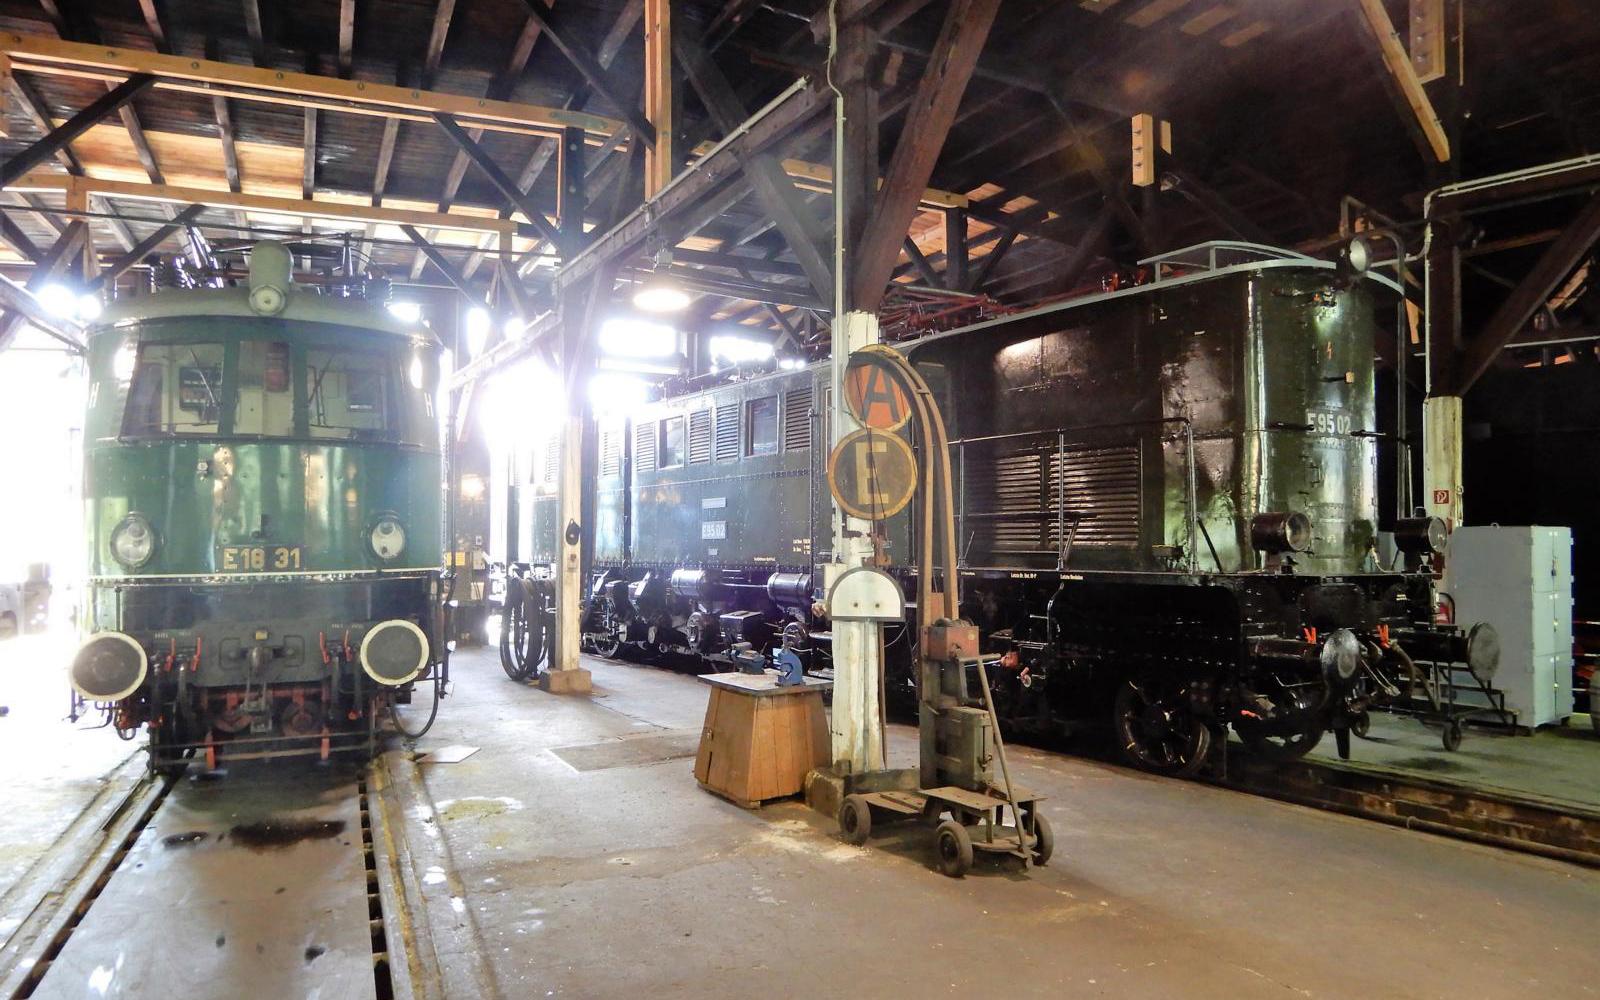 ©Foto: Christian Wodzinski   railmen   Im Lokschuppen des DB Museums Halle